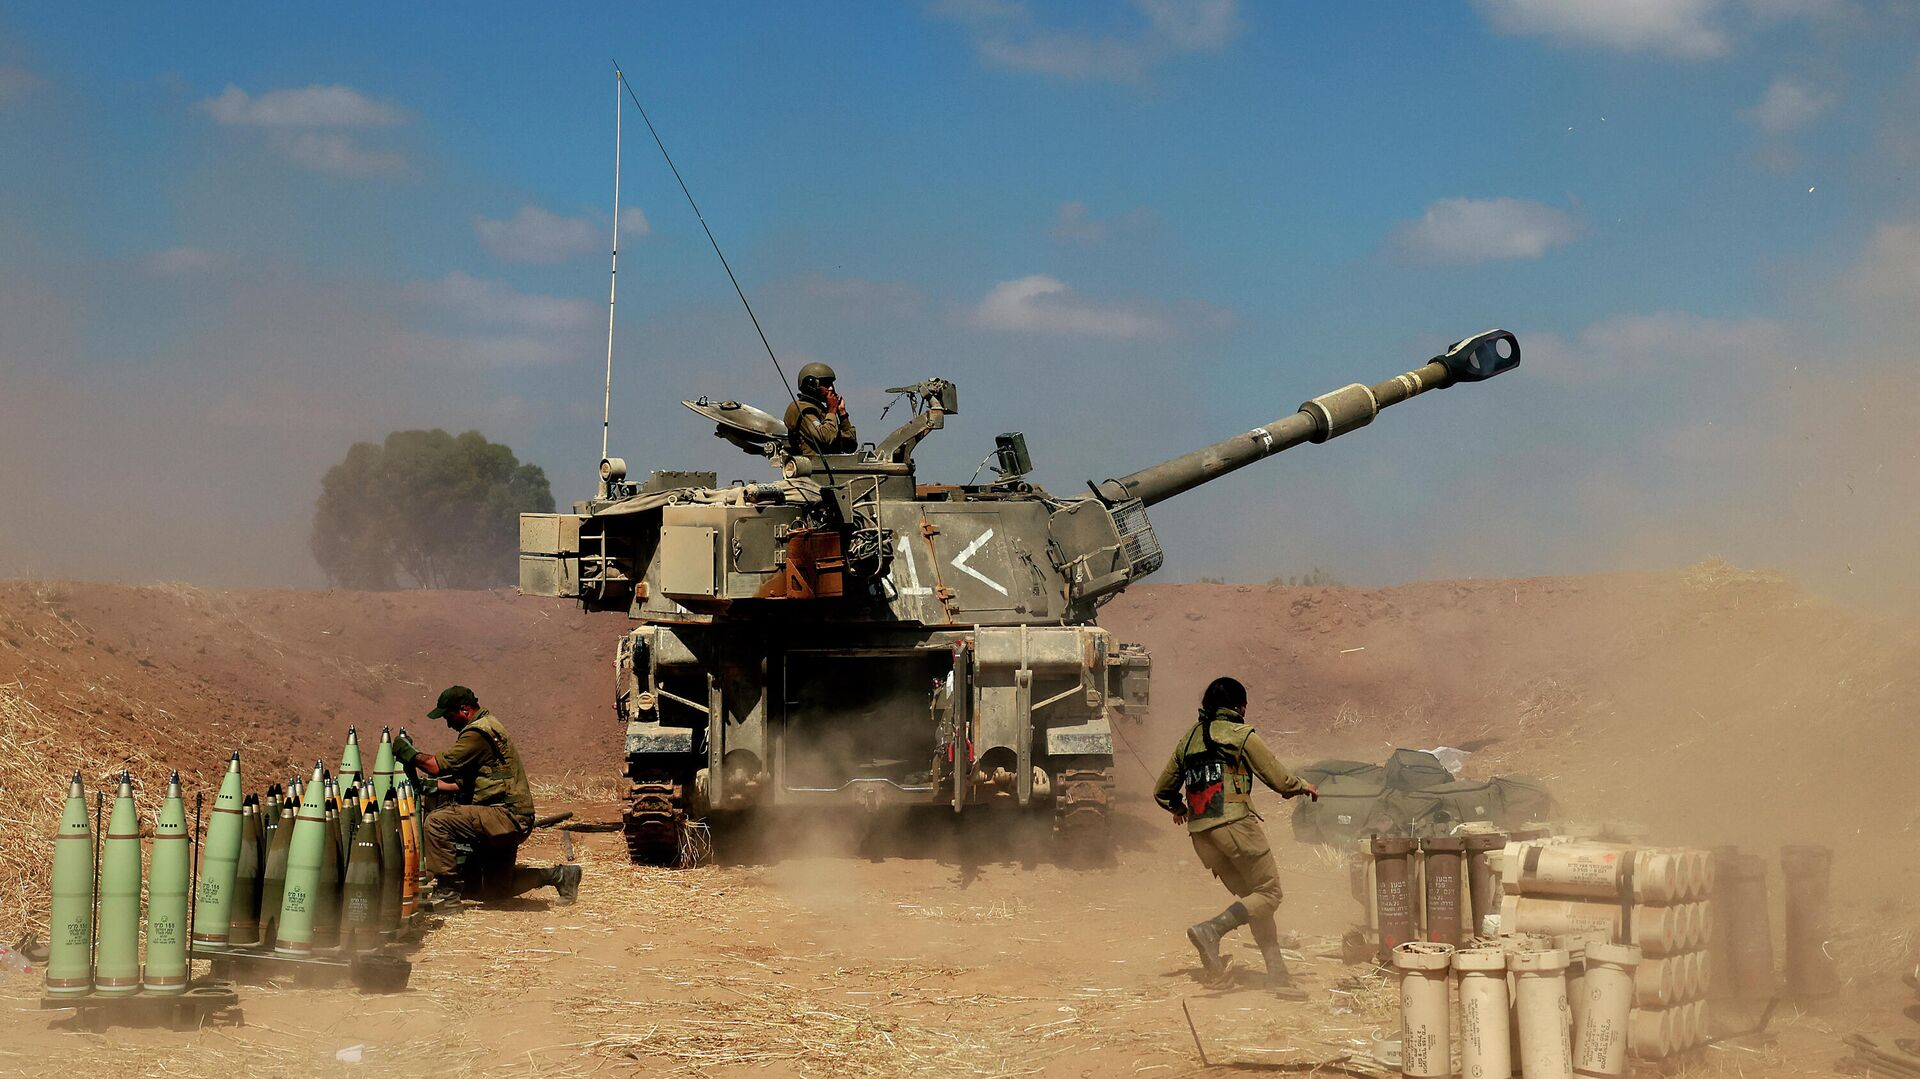 Израильские солдаты стреляют в направлении сектора Газа, 13 мая 2021 года - РИА Новости, 1920, 13.05.2021